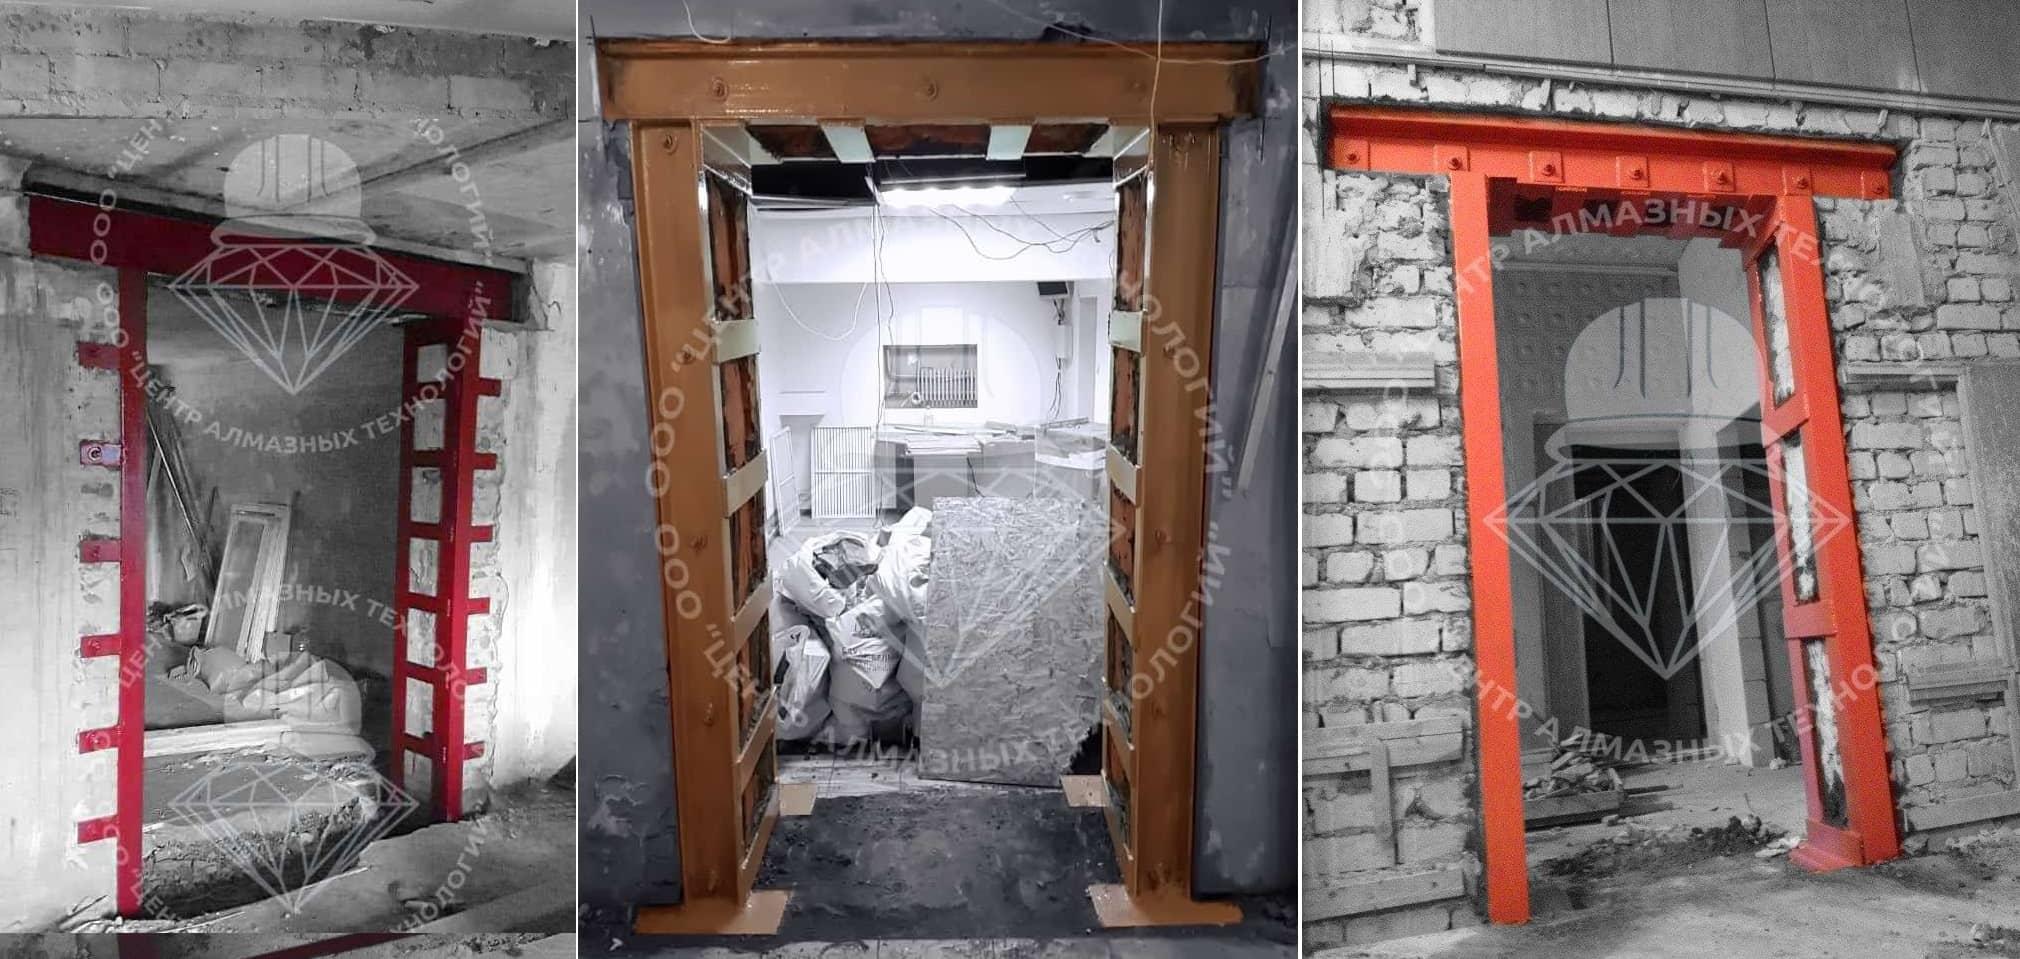 Усиление проема в кирпичной стене дверного или оконного проема: как происходит укрепление, нужно ли разрешение архитектора?